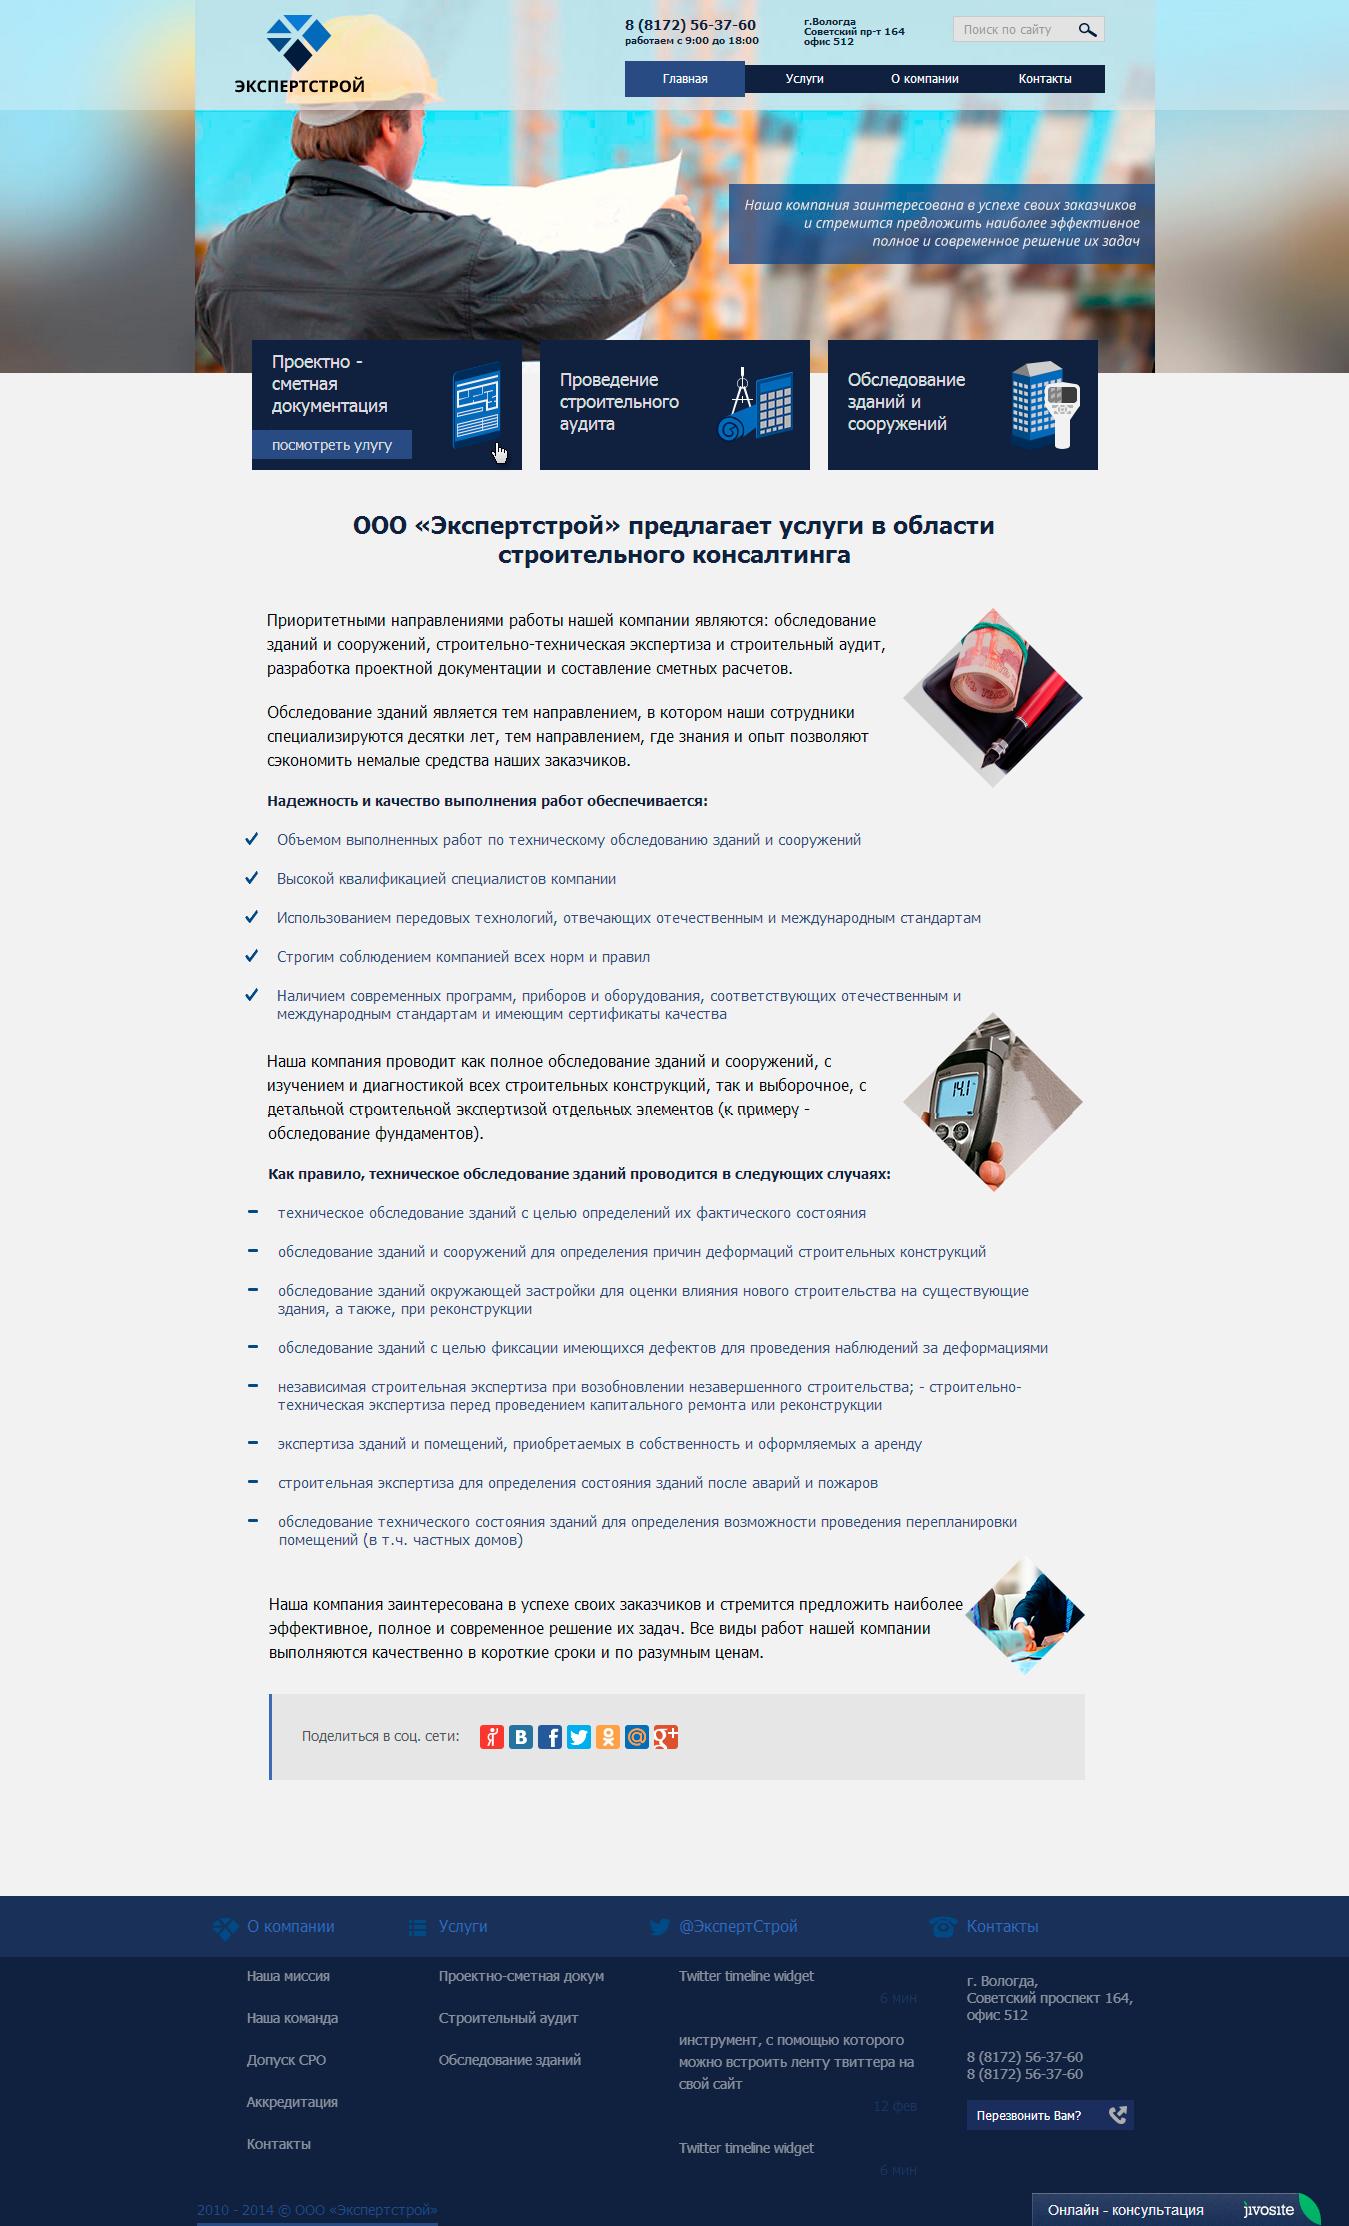 Корп. сайт для строительно консалтинговой организации